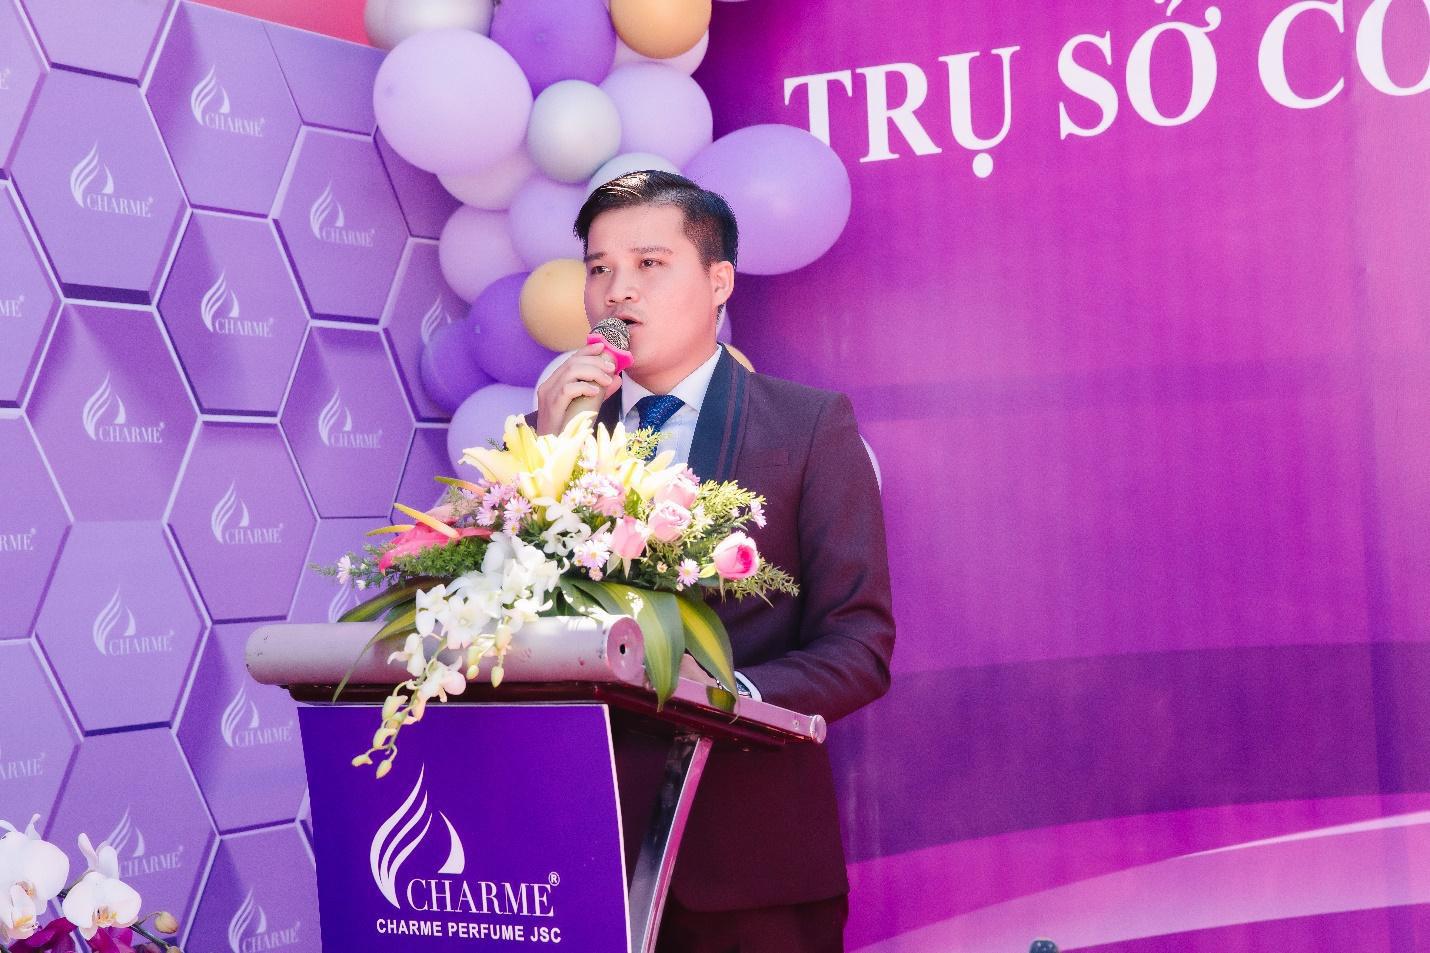 Top Hoa hậu Việt Nam 2020 đến chúc mừng nước hoa Charme khai trương trụ sở công ty tại TP.HCM - Ảnh 7.